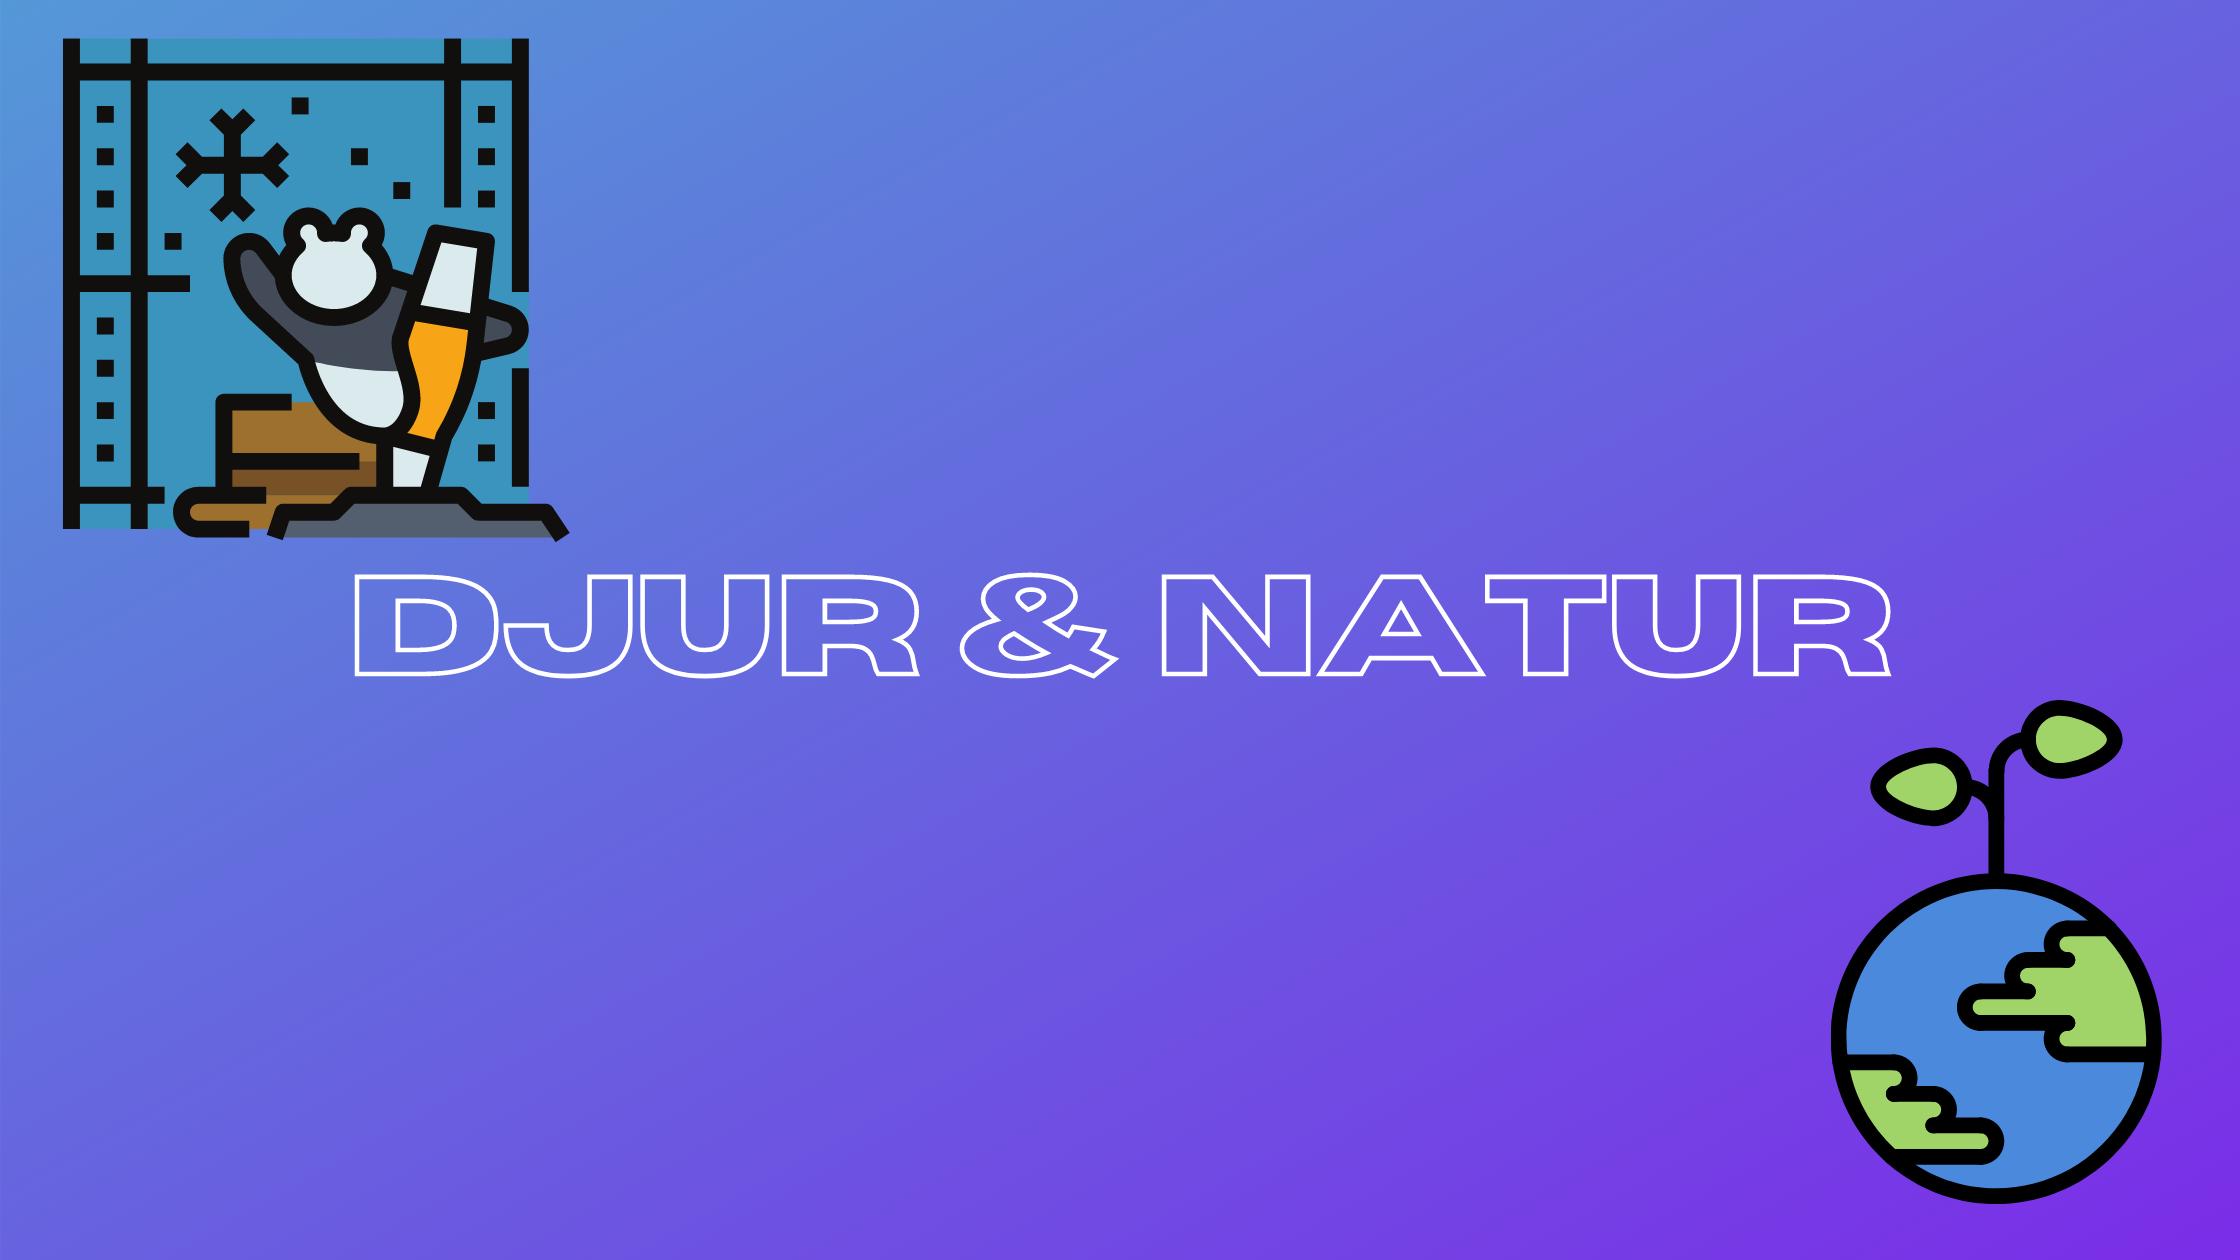 Djur & Natur